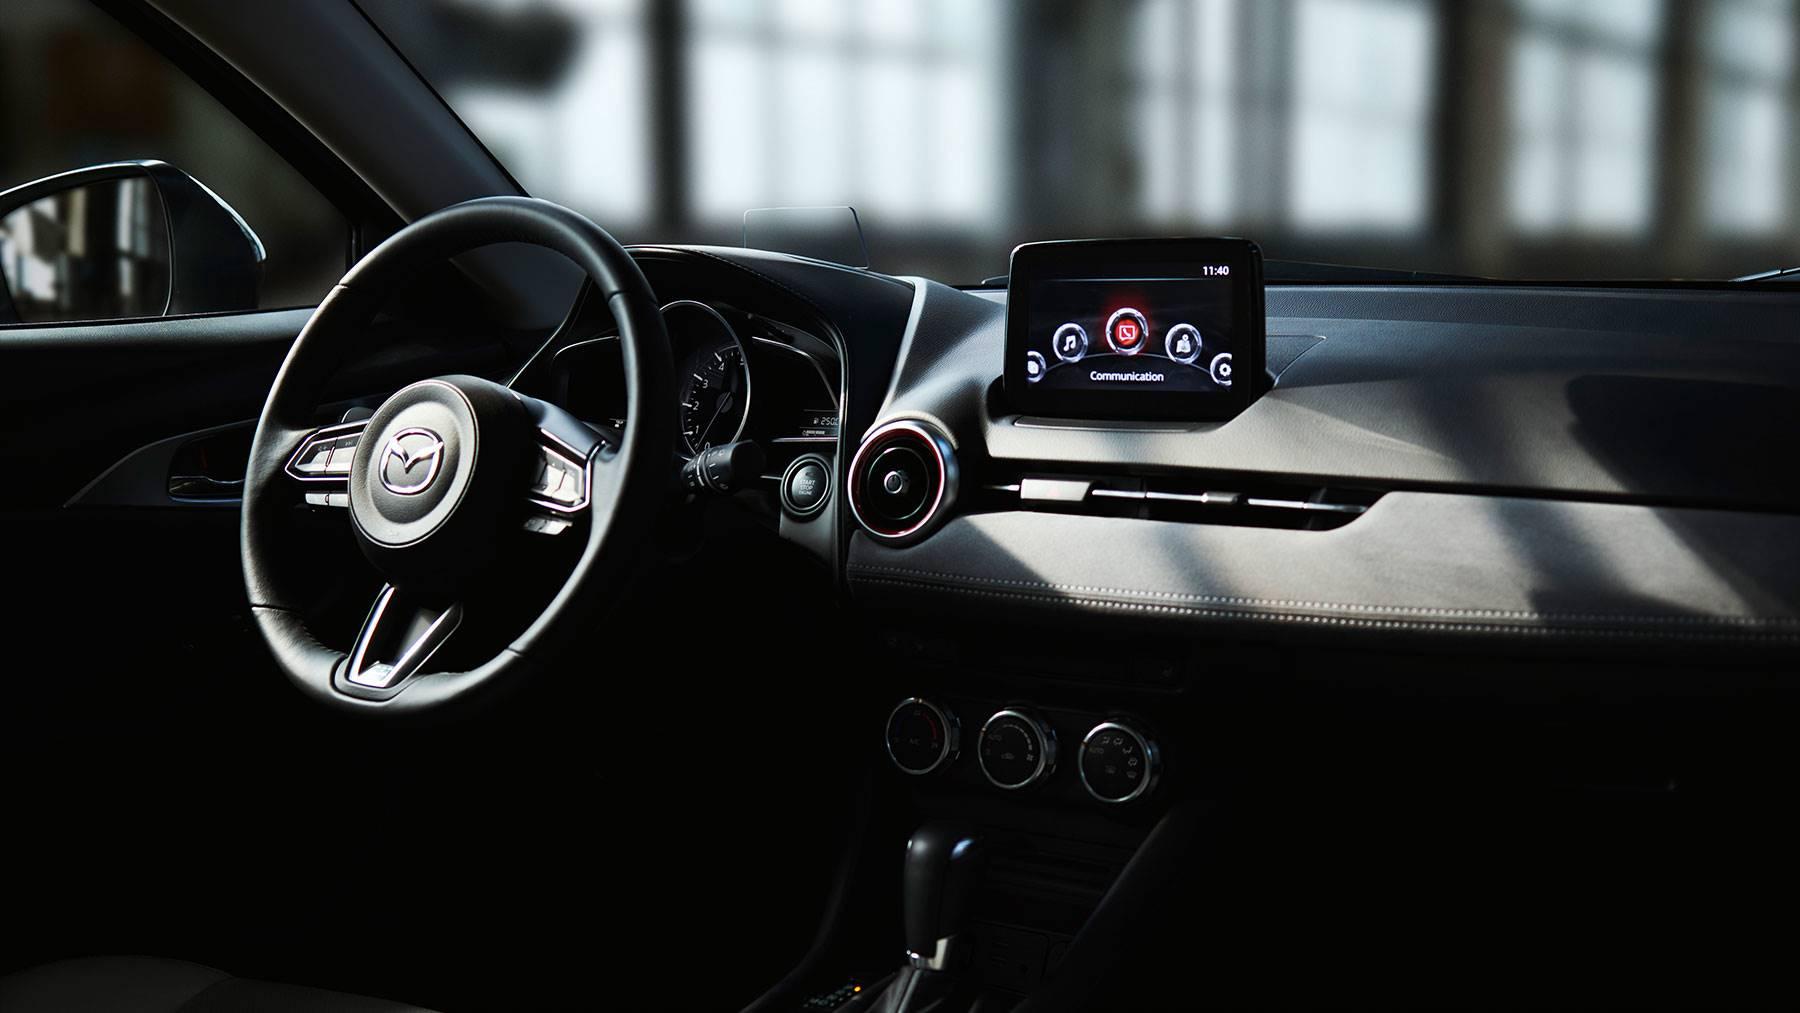 Interior of the Mazda CX-3